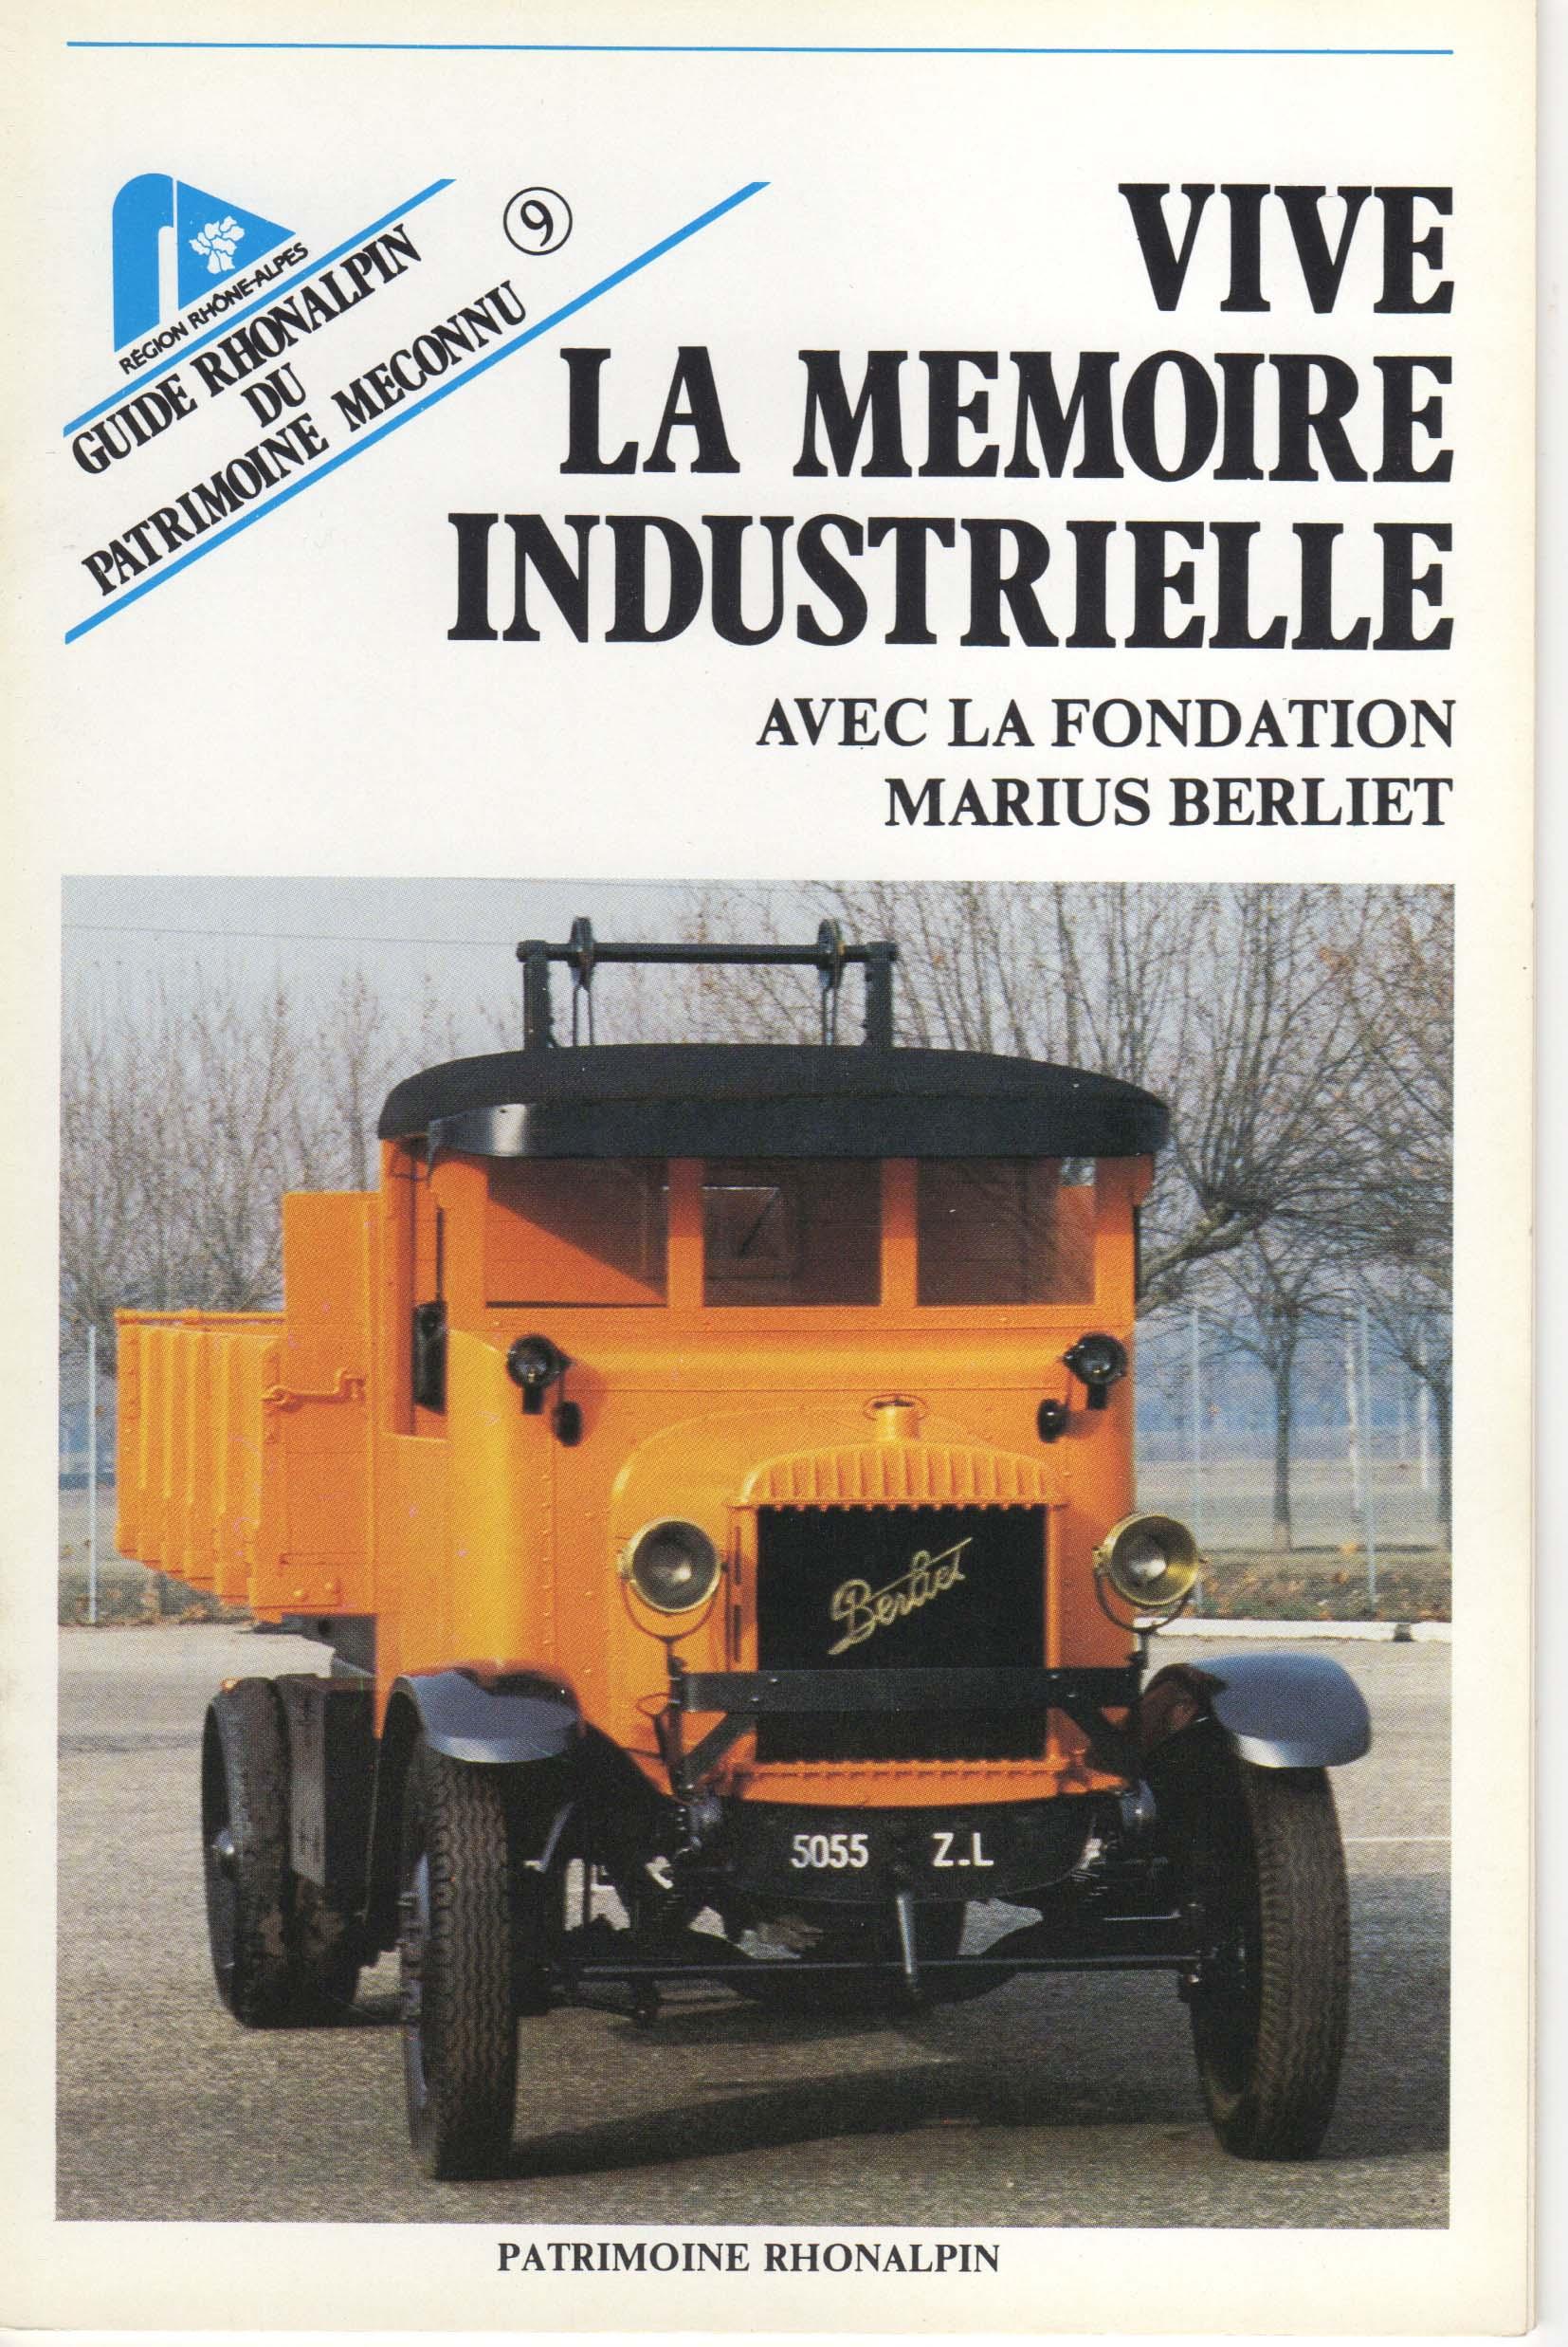 Guide n°9 – Vive la mémoire industrielle